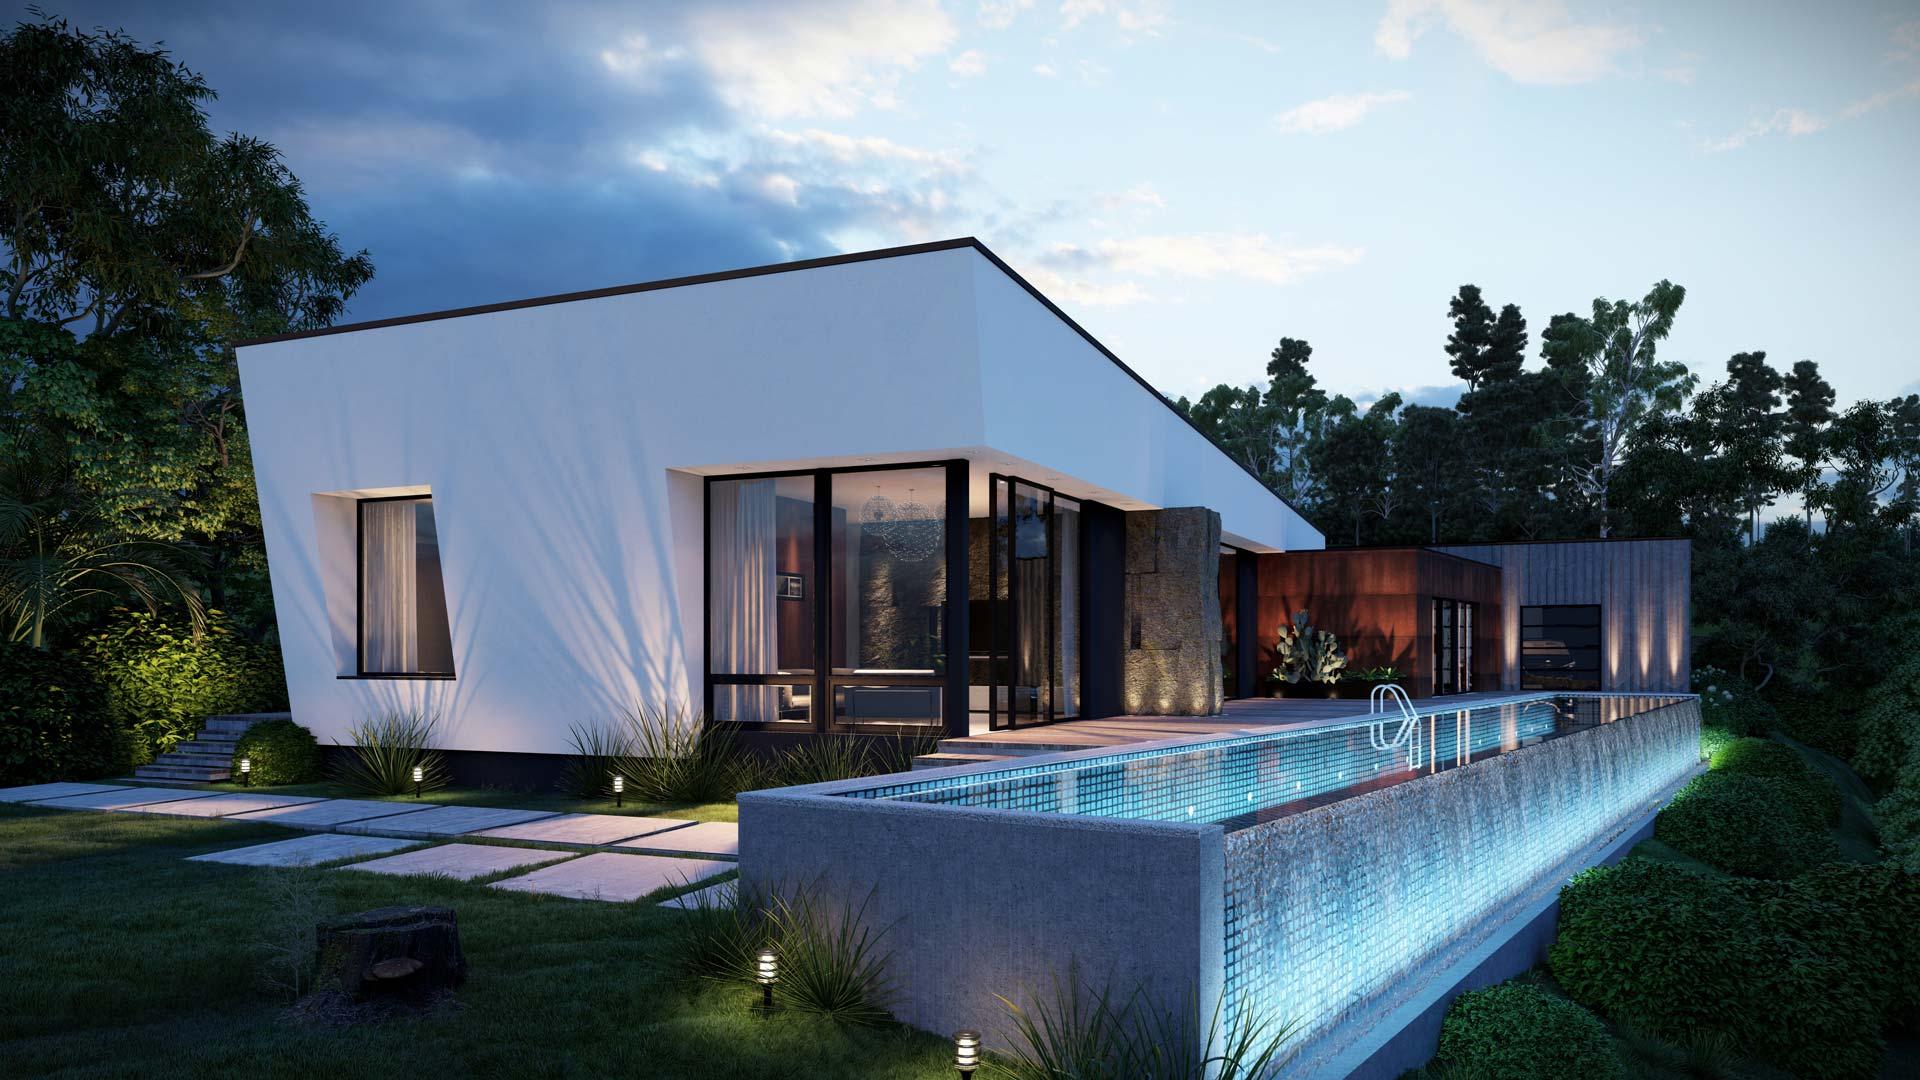 3dsmax-architecture